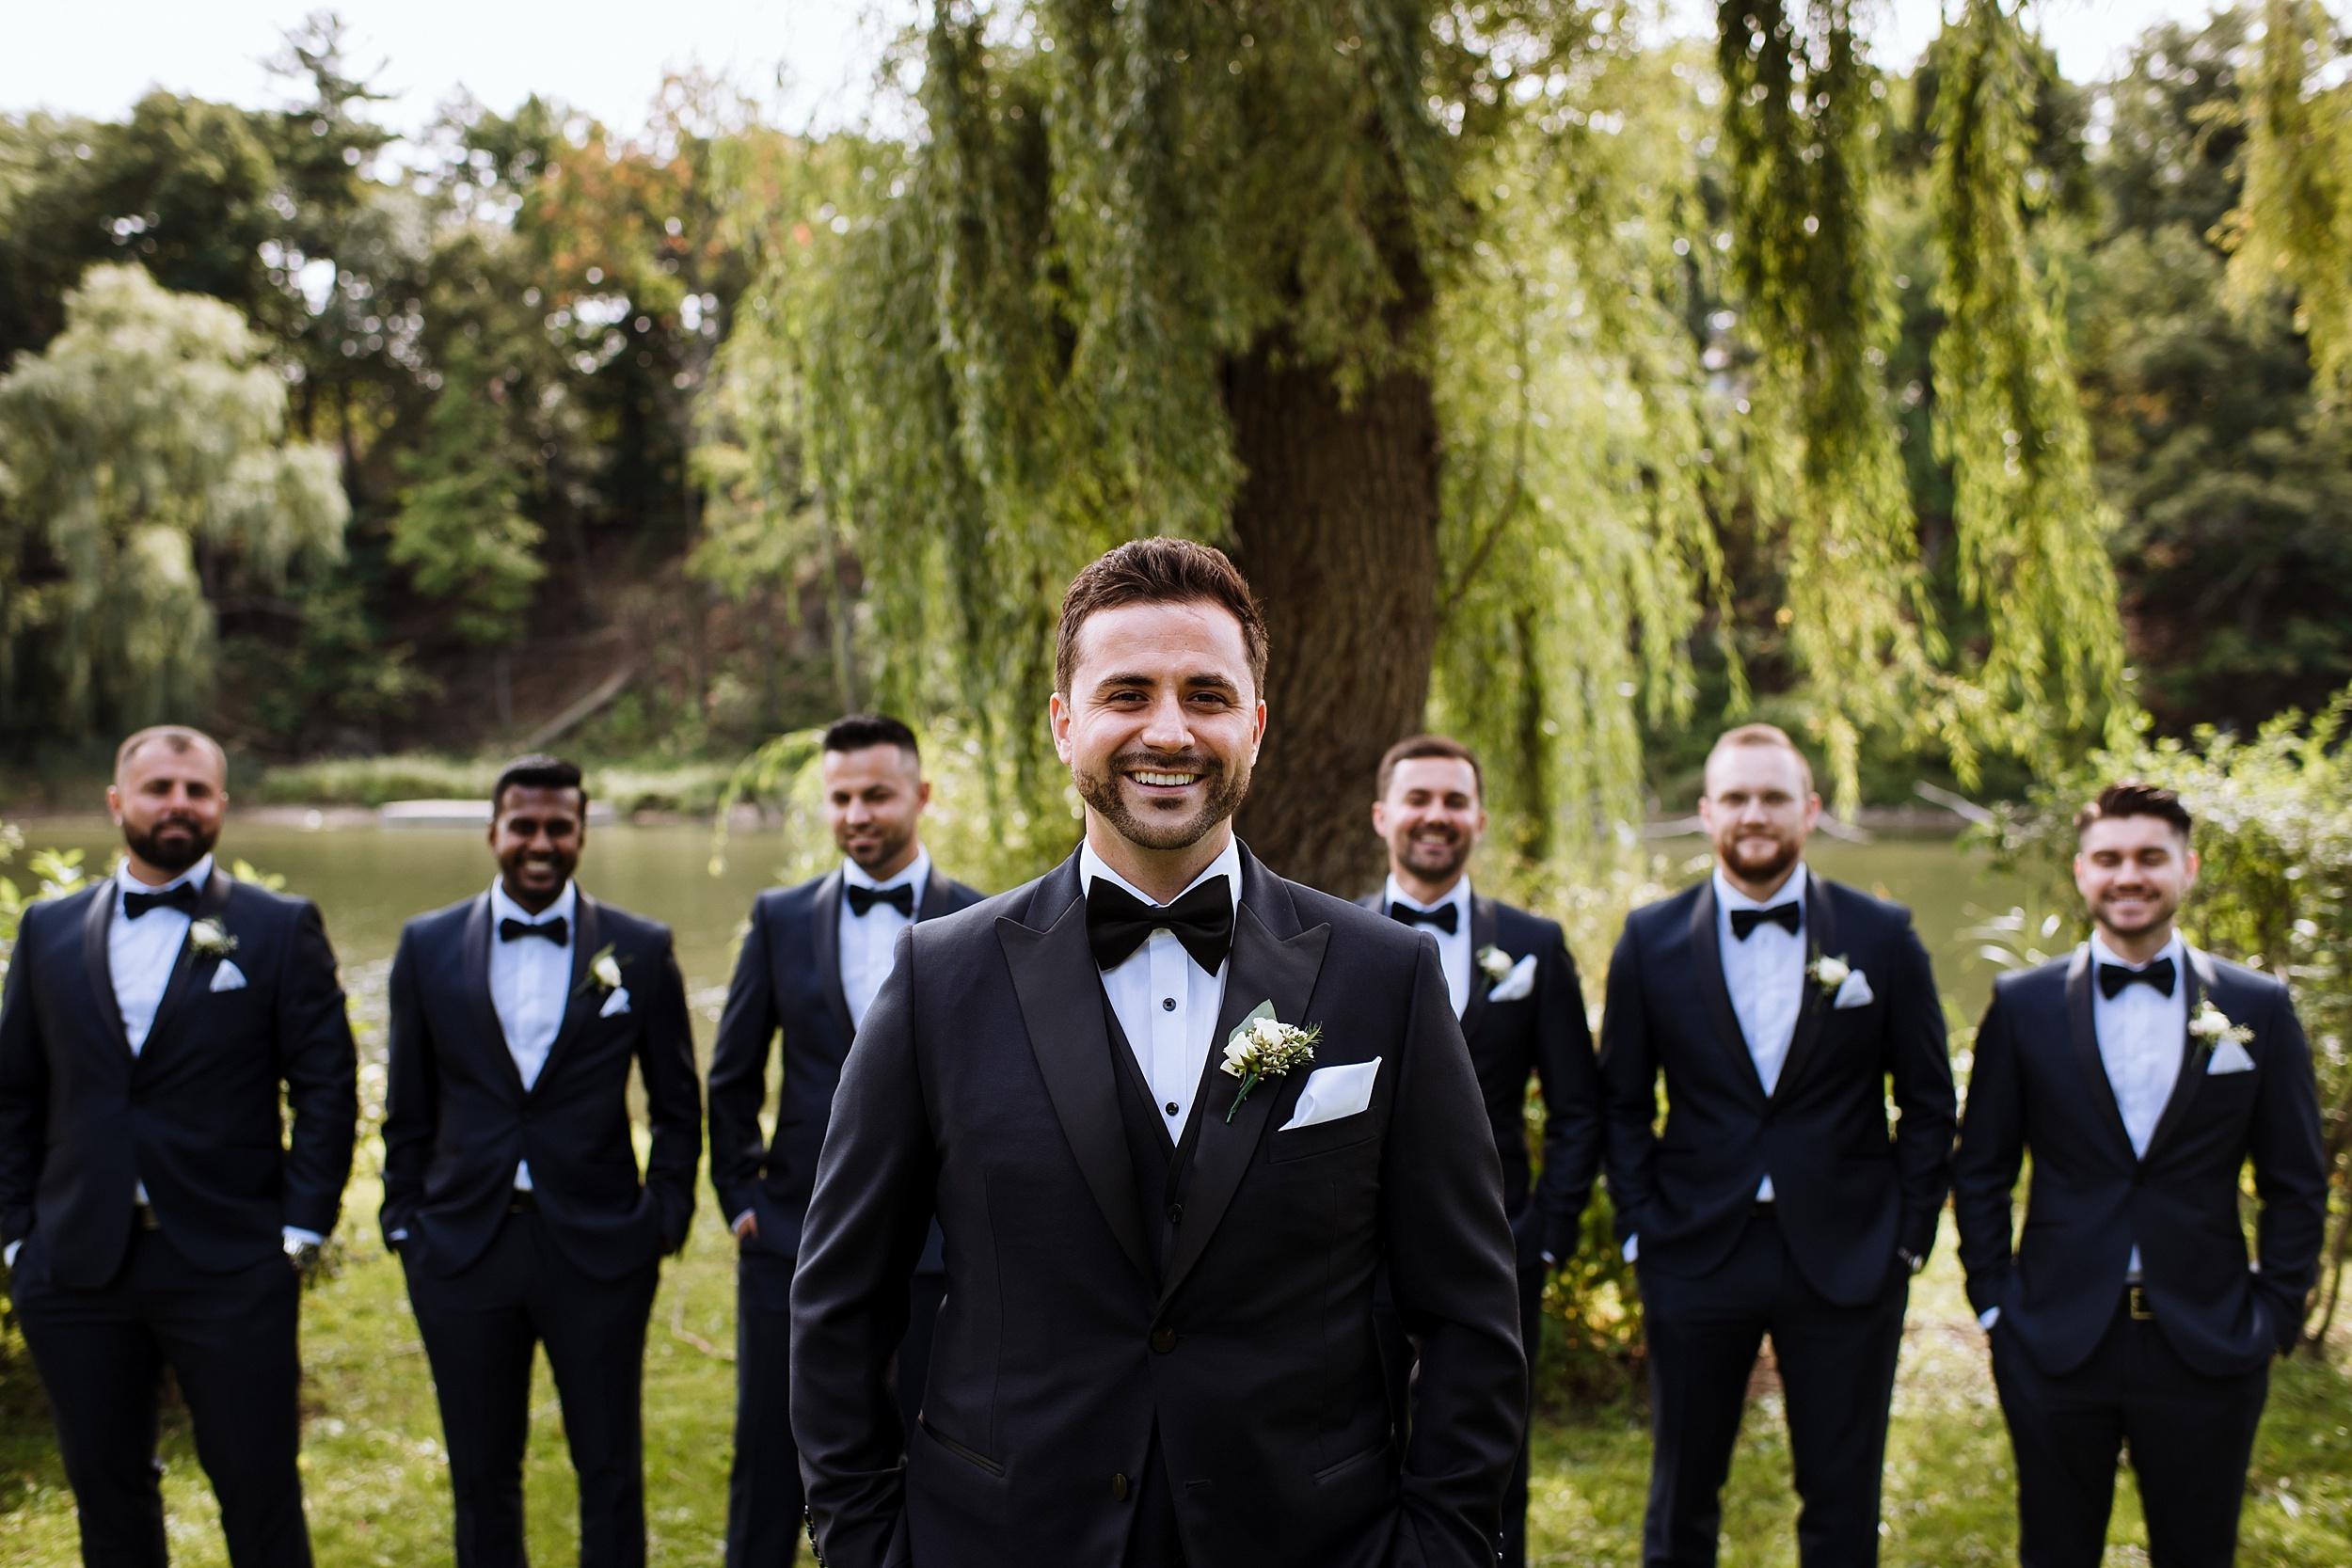 Rustic_Backyard_Wedding_Toronto_Photographer034.jpg